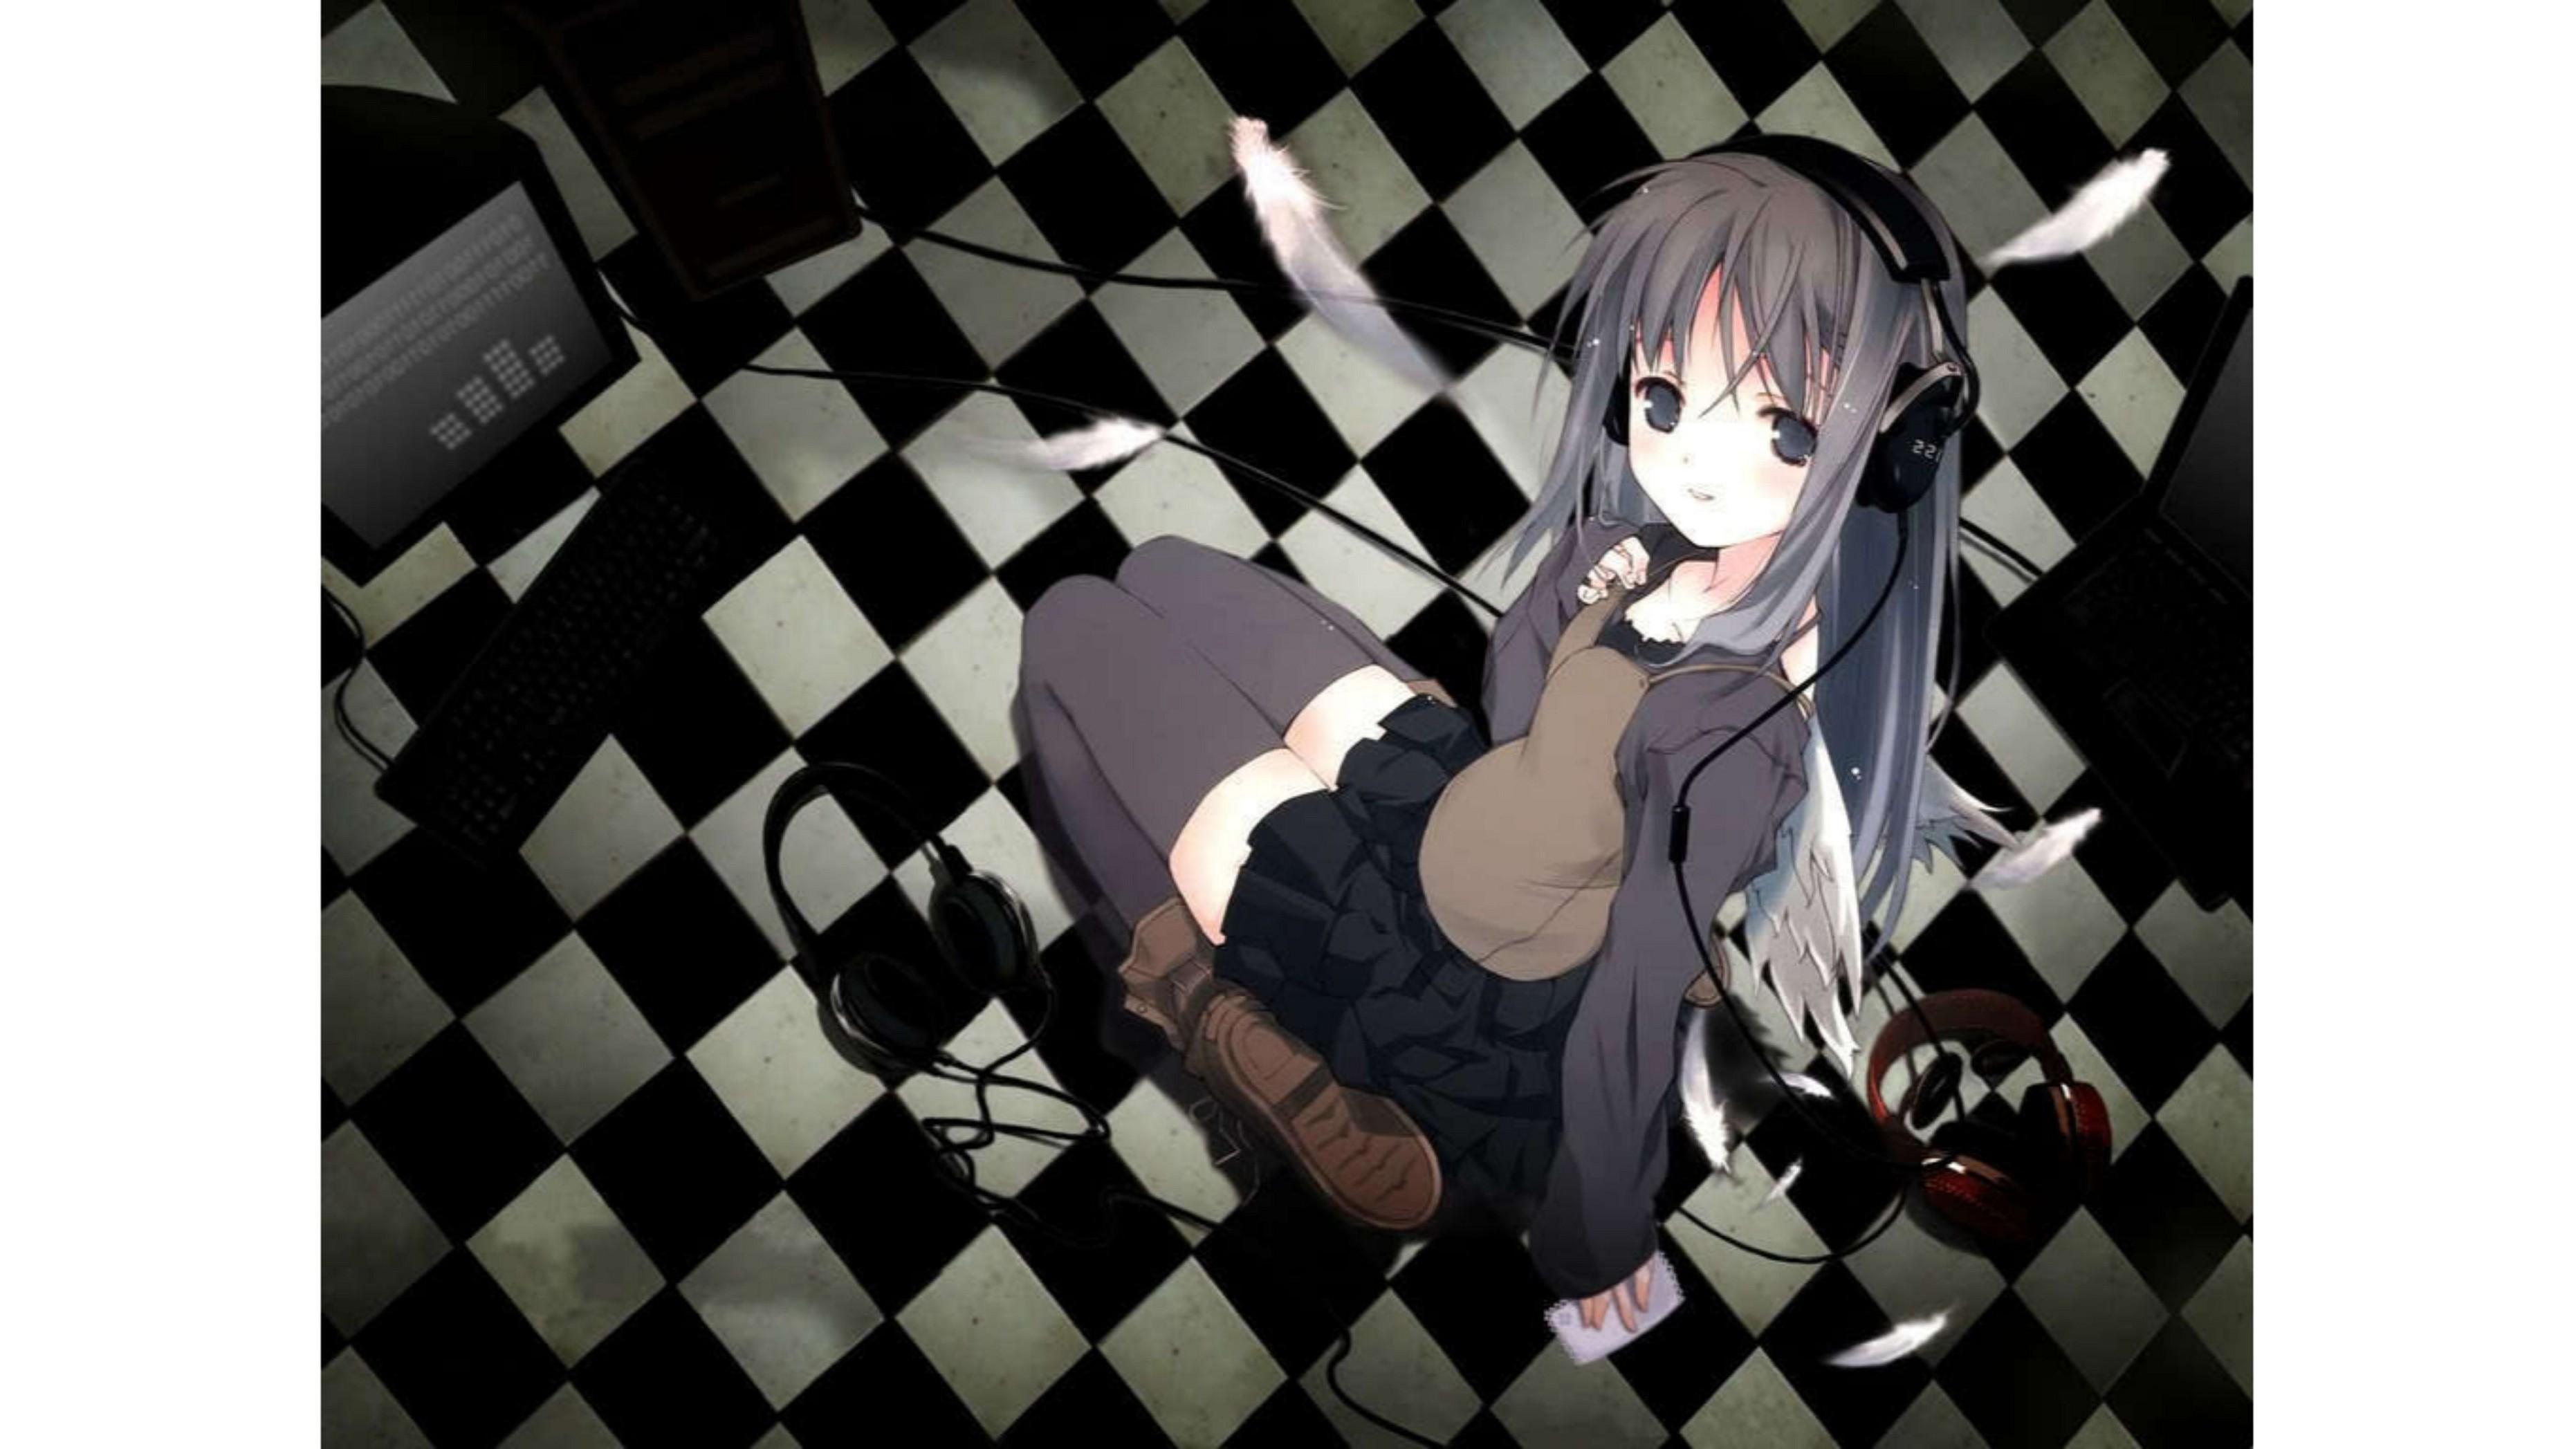 Top Good Live Anime Wallpapers